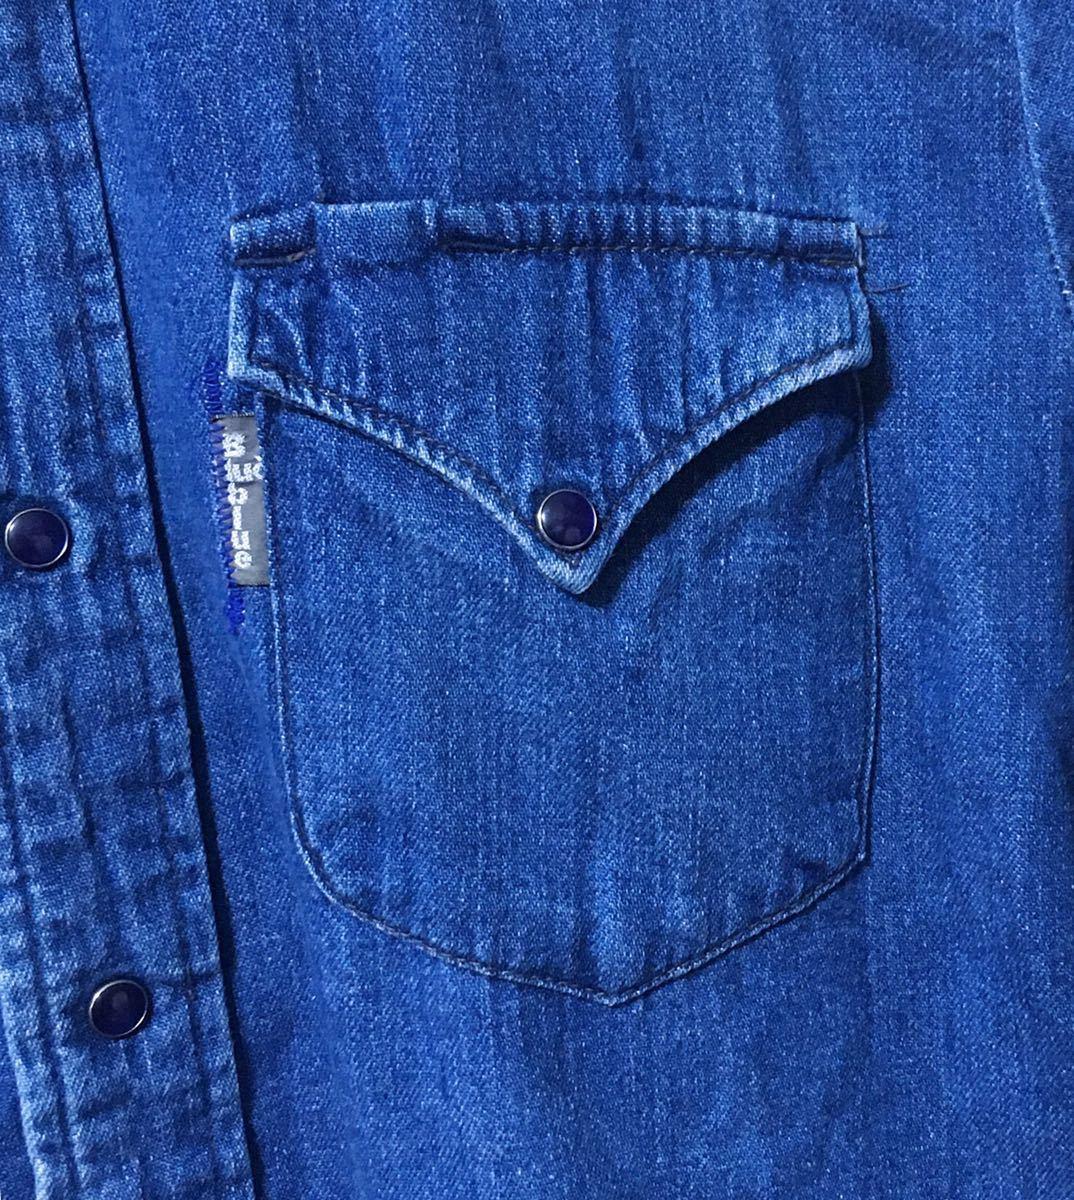 BLUE BLUE ブルーブルー 長袖 デニム素材 ウエスタンシャツ ハリウッドランチマーケット 裏地ポケット サイズ 1 日本製_画像4